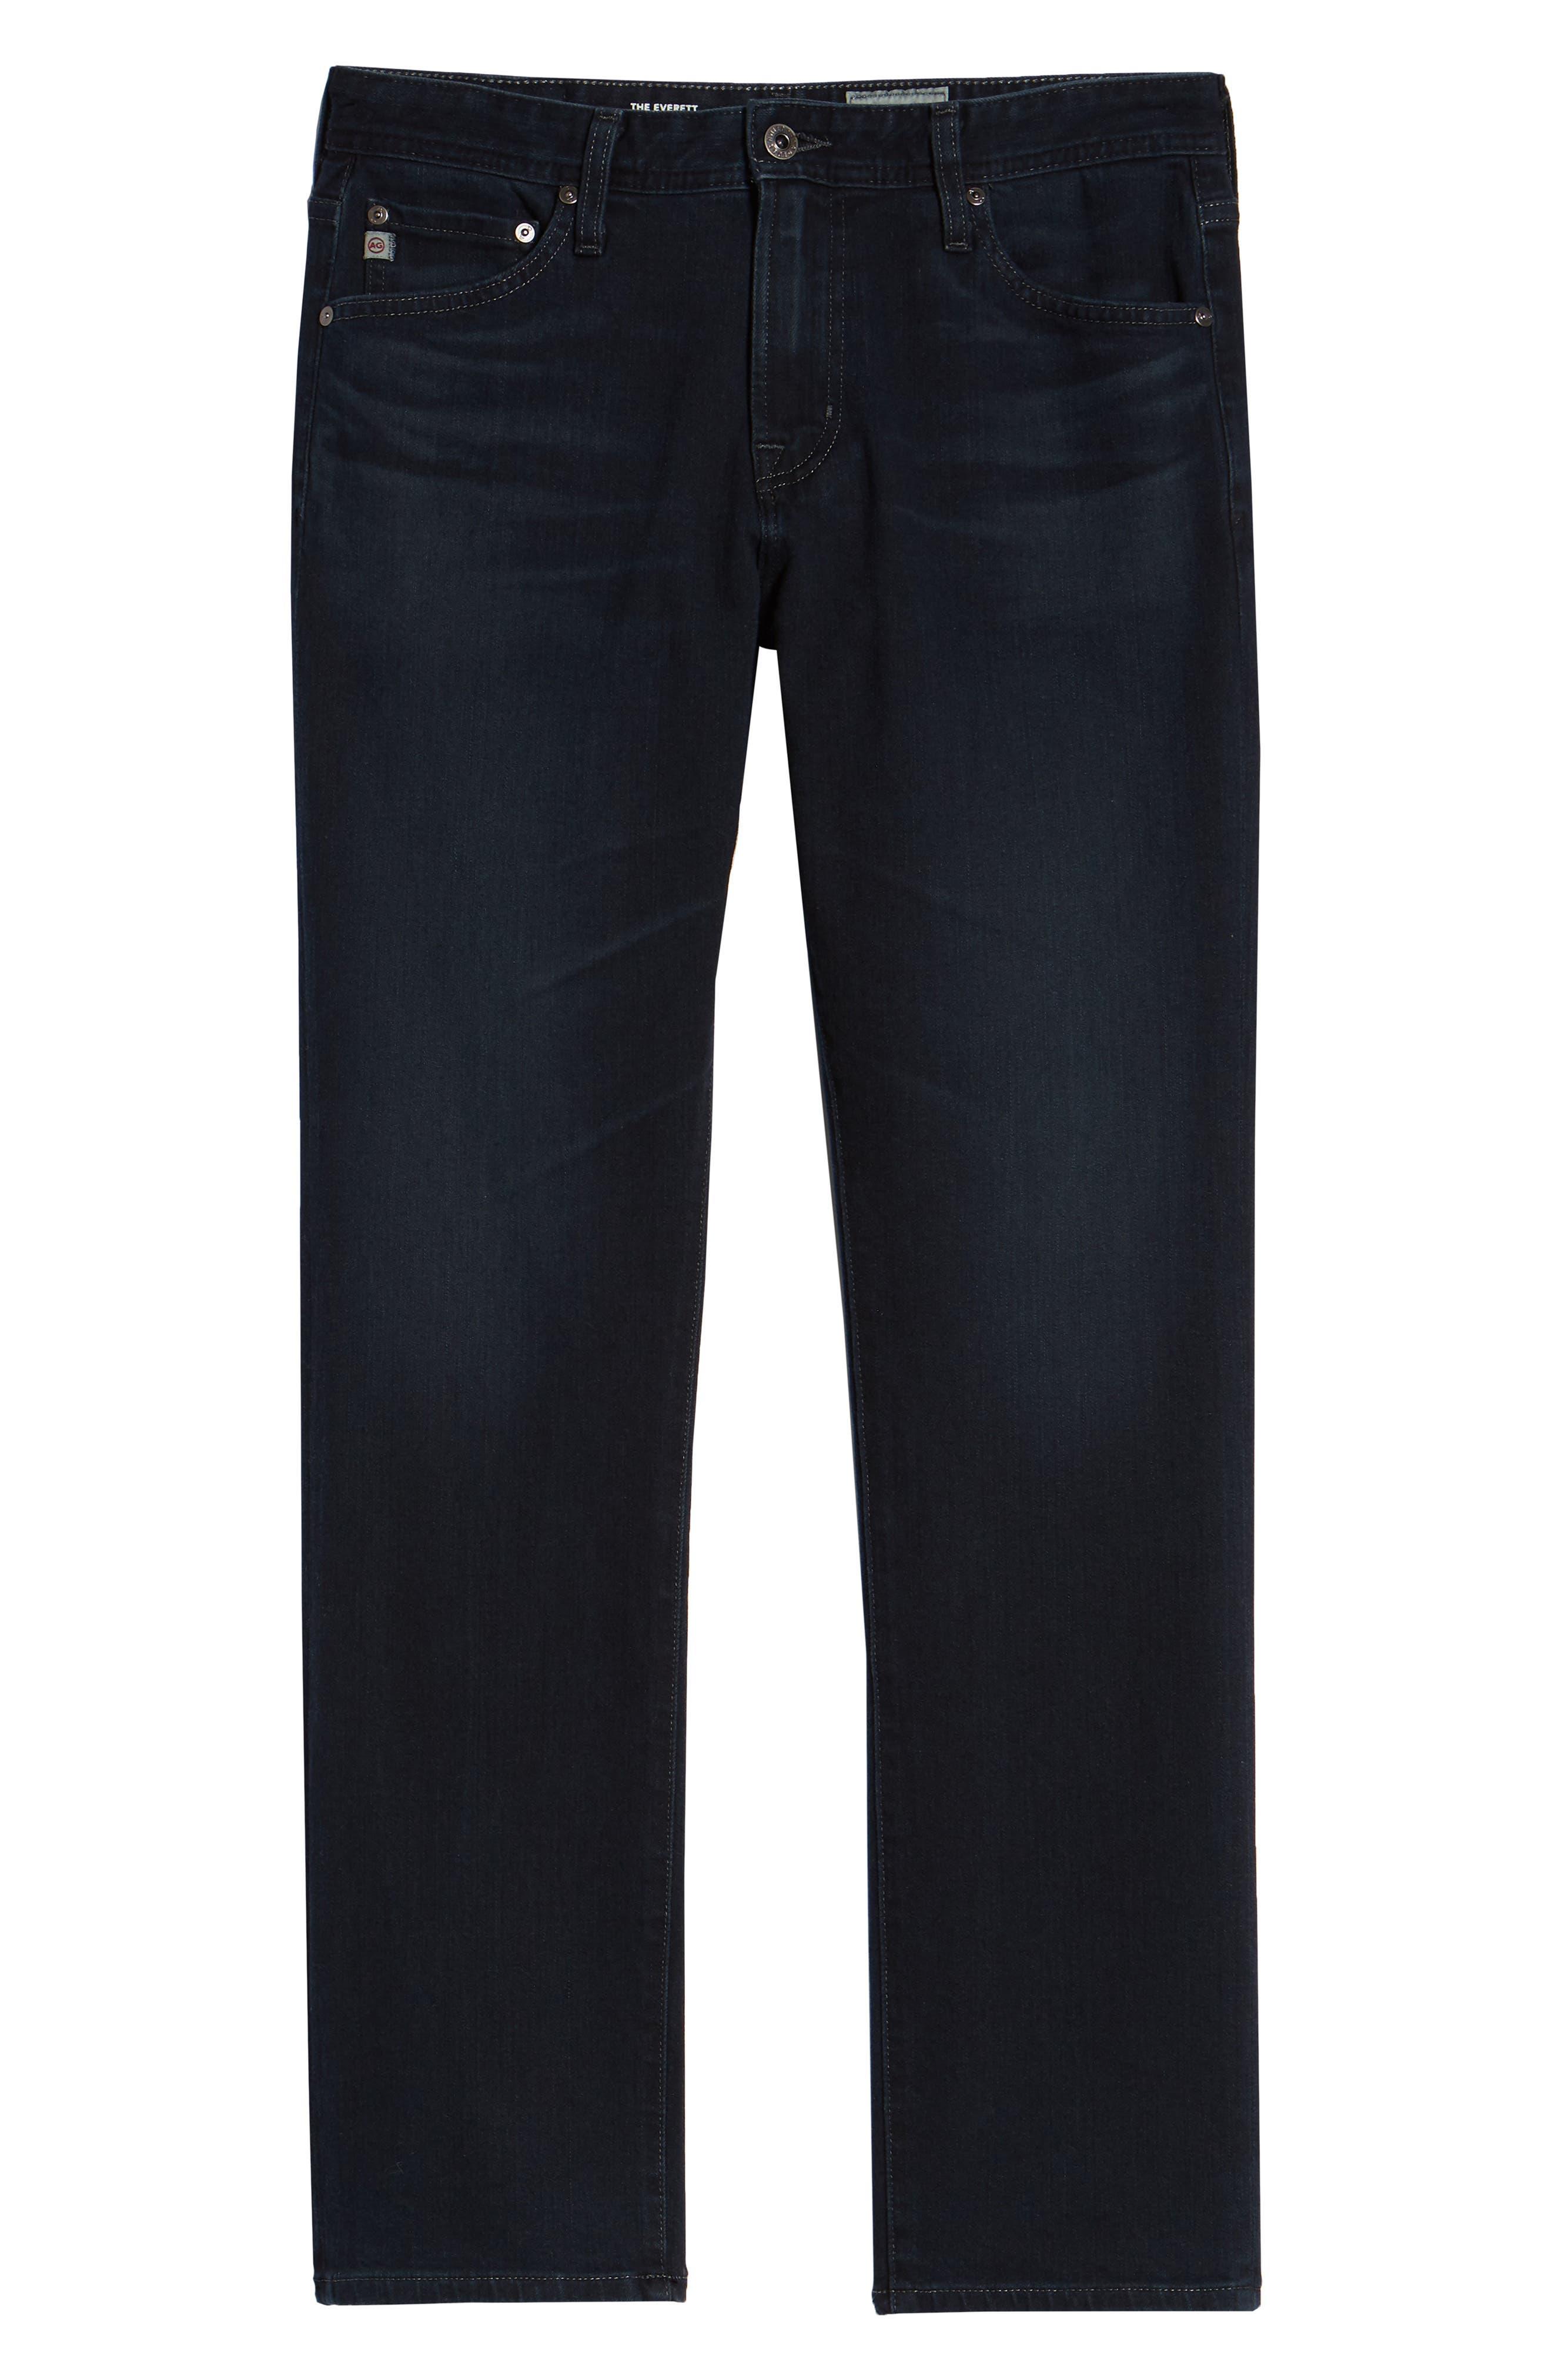 Everett Slim Straight Jeans,                             Alternate thumbnail 6, color,                             ORISON